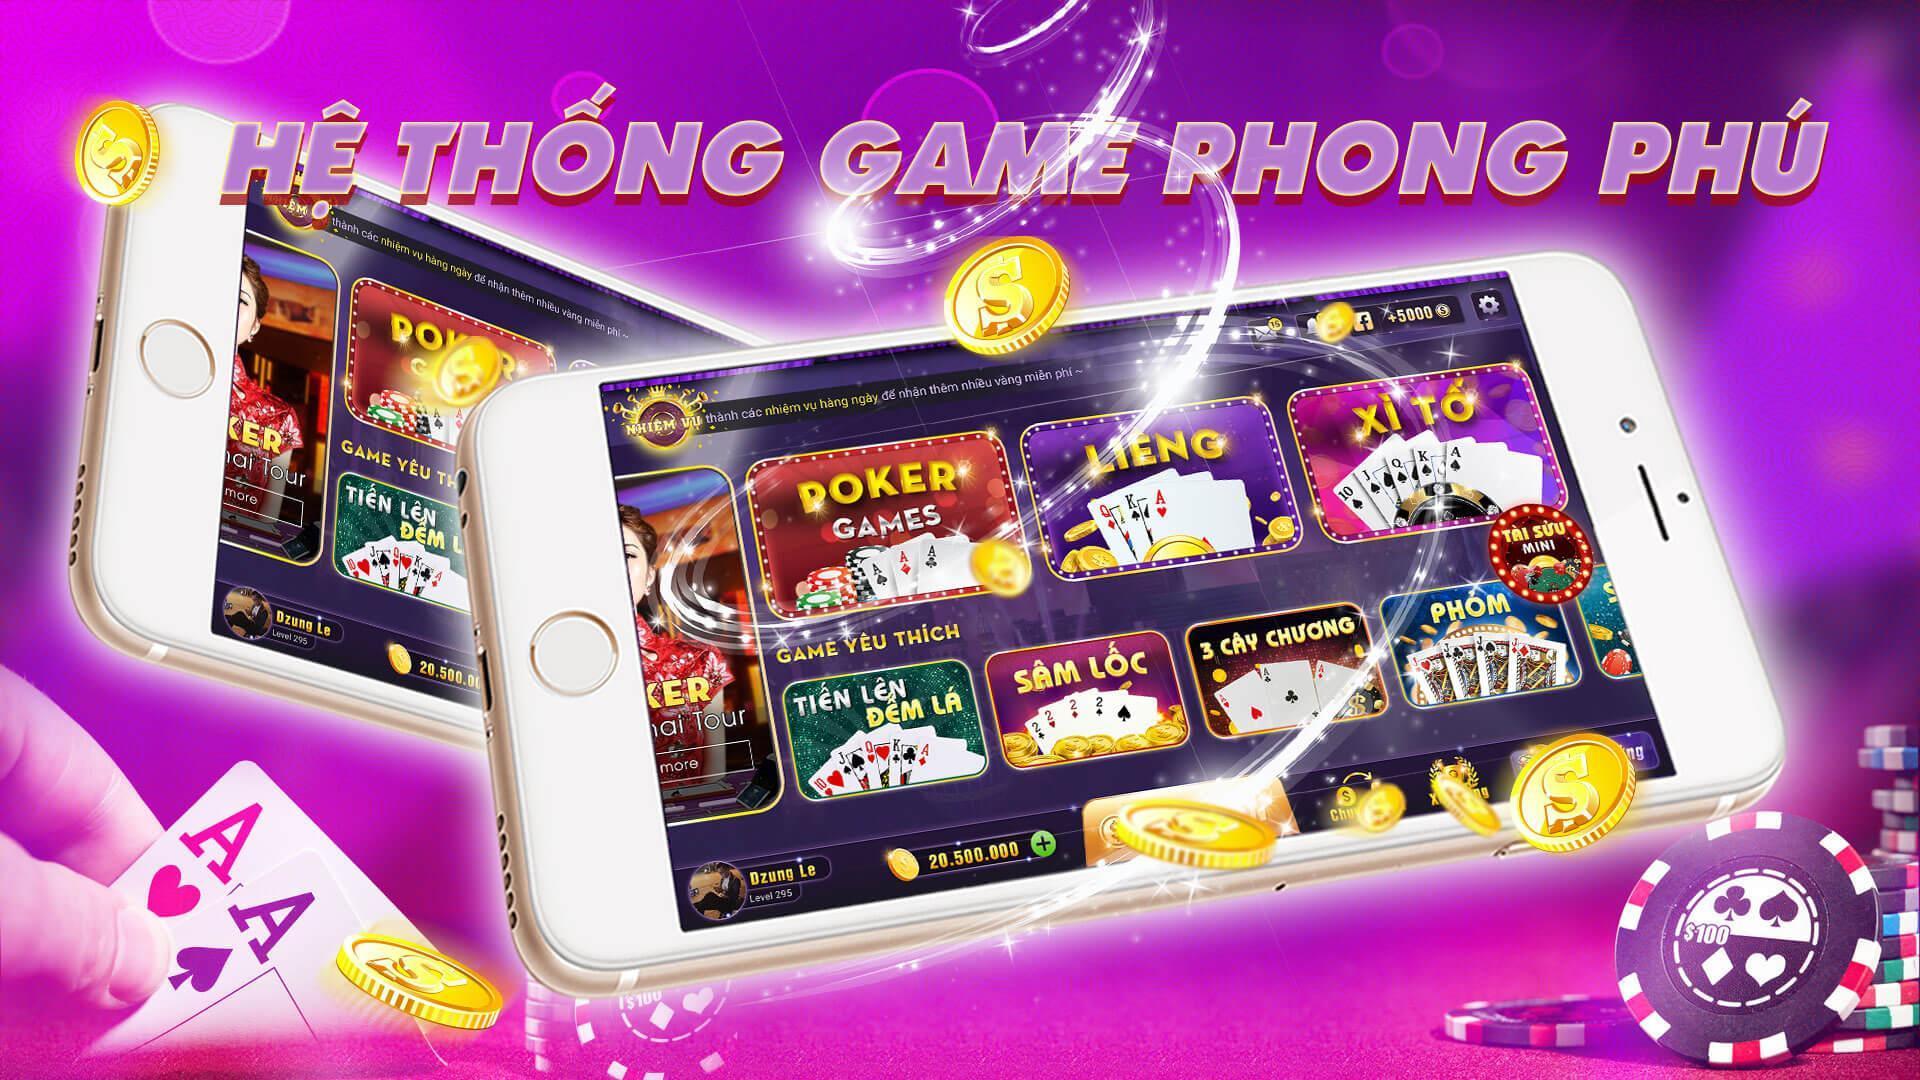 Image result for 789club game bài đổi thưởng lot 777